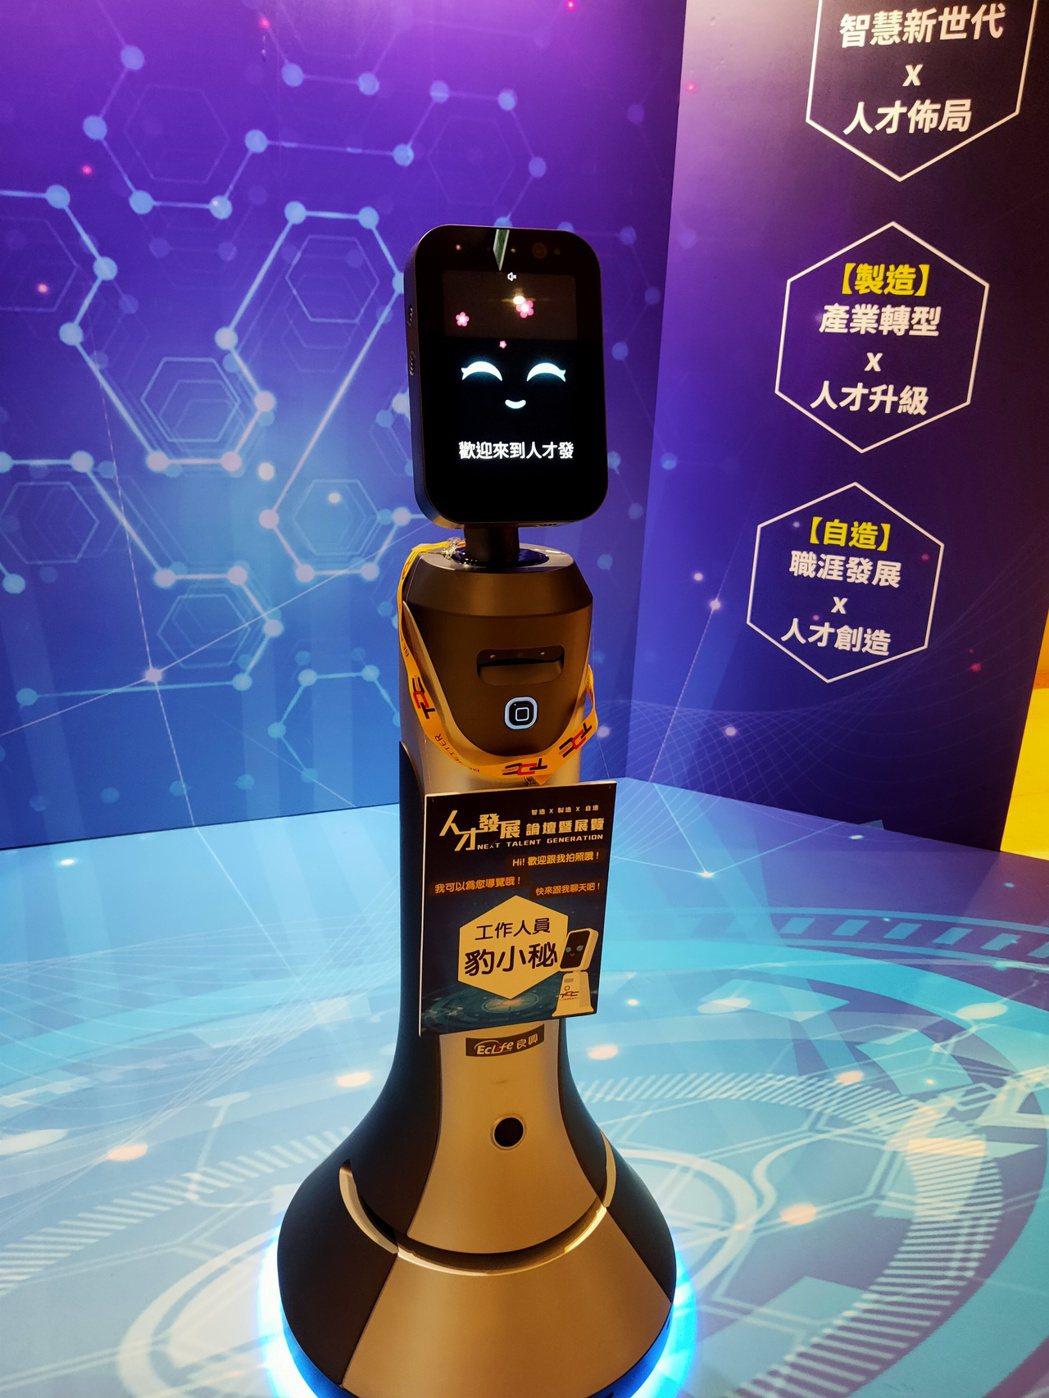 勞動部人才資源中心舉辦「智造x製造x自造」人才發展論壇,會場由機器人接待人員「豹...